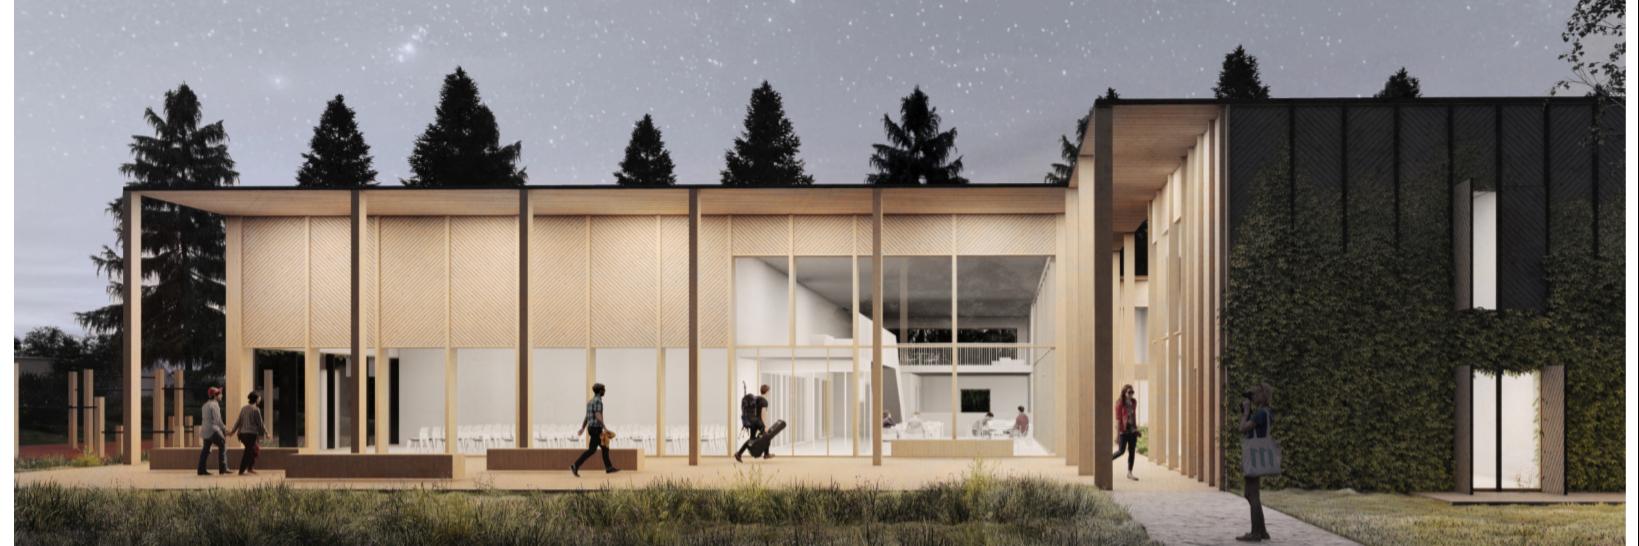 Mõdriku üliõpilaselamu-õppehoone arhitektuurivõistluse võitis arhitektuuribüroo Molumba